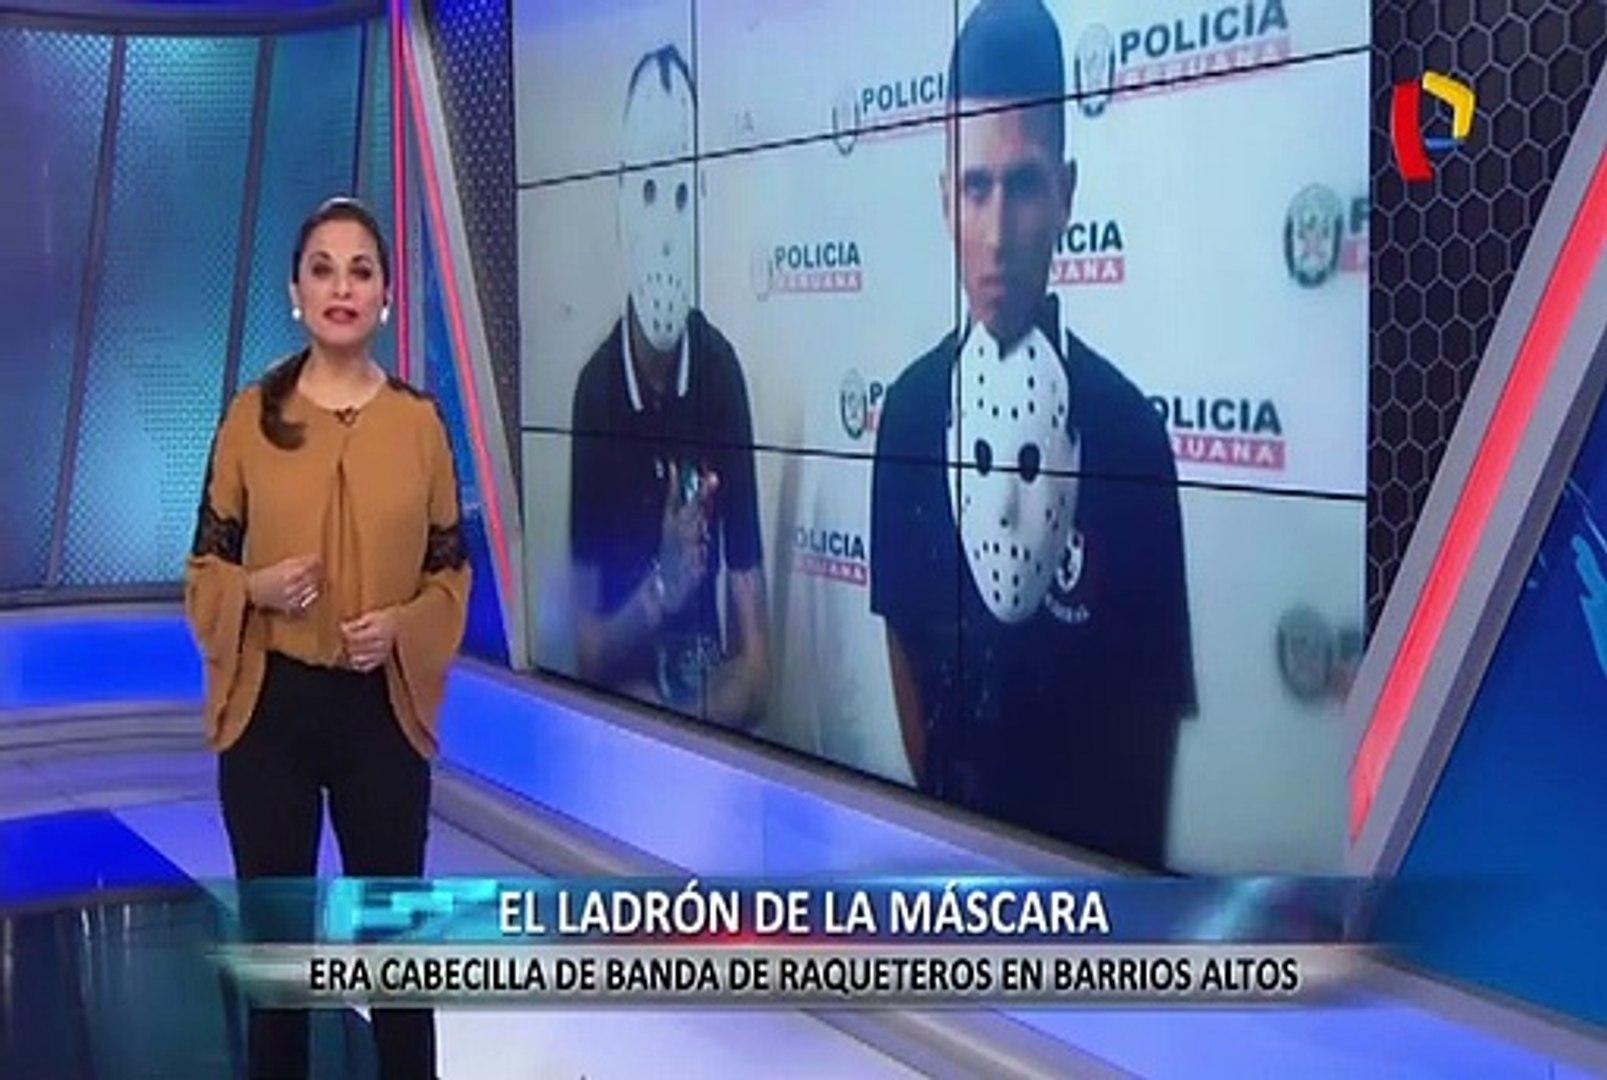 La máscara de Jason: cae cabecilla de banda de raqueteros de Barrios Altos